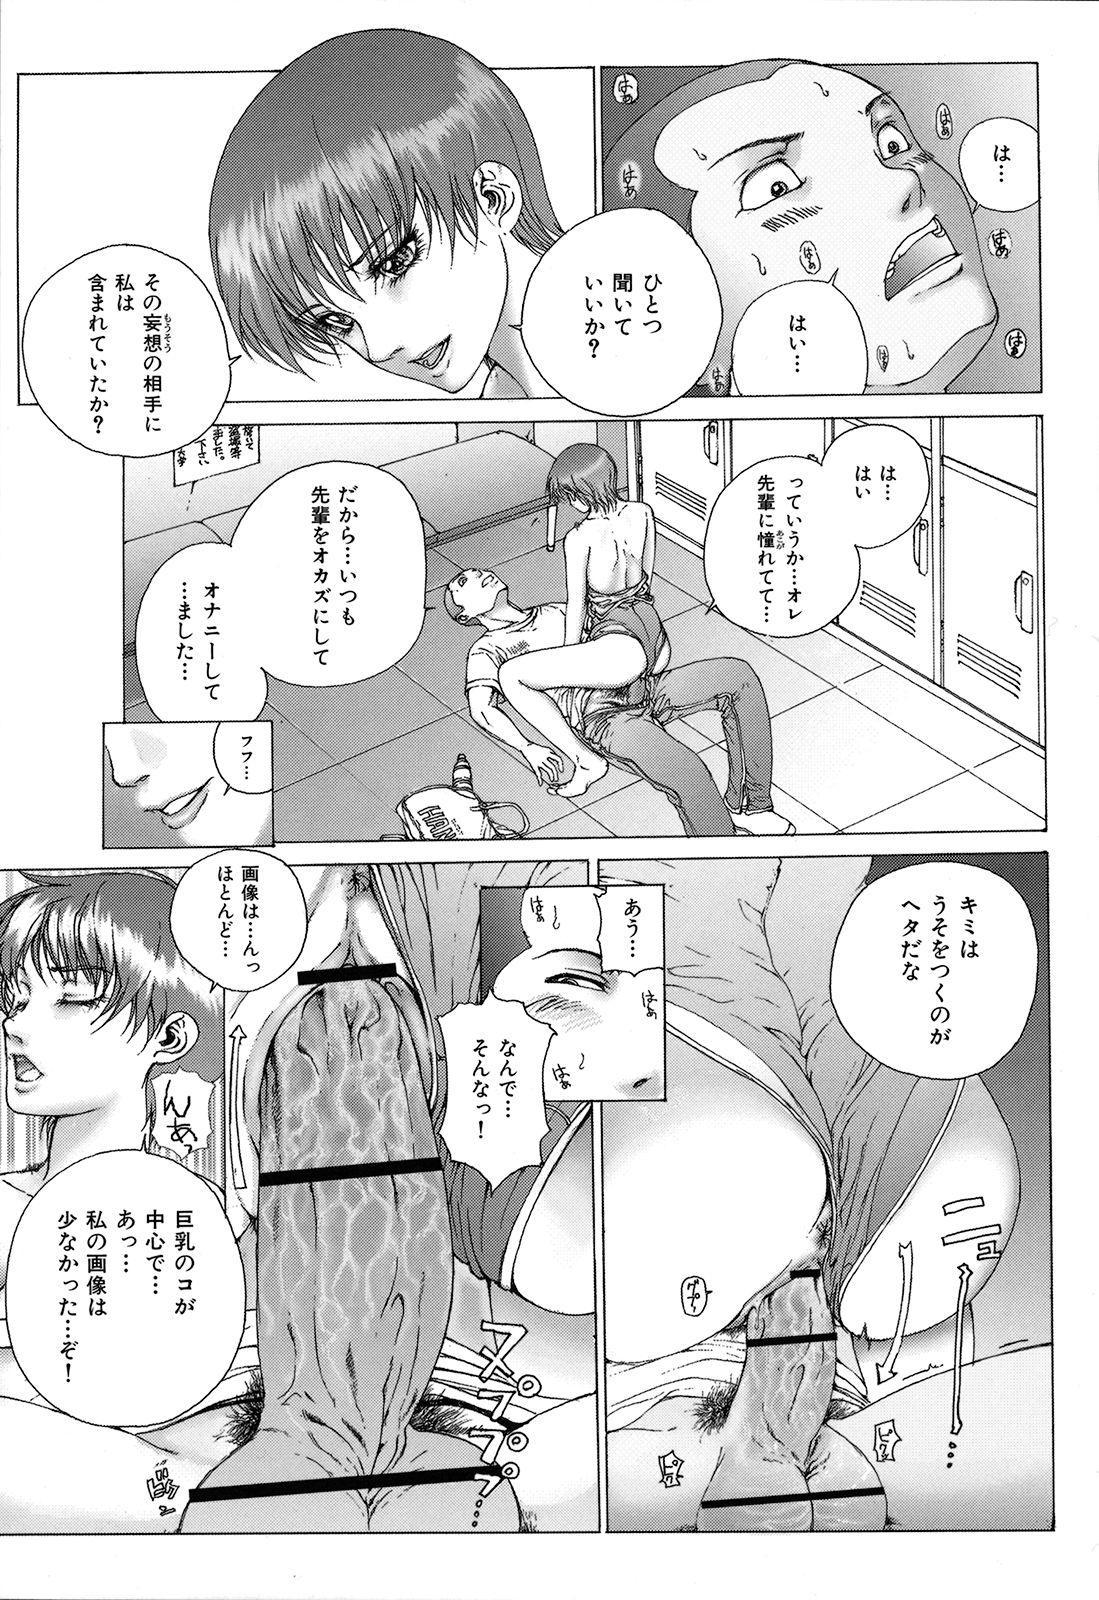 Kou Musume 68